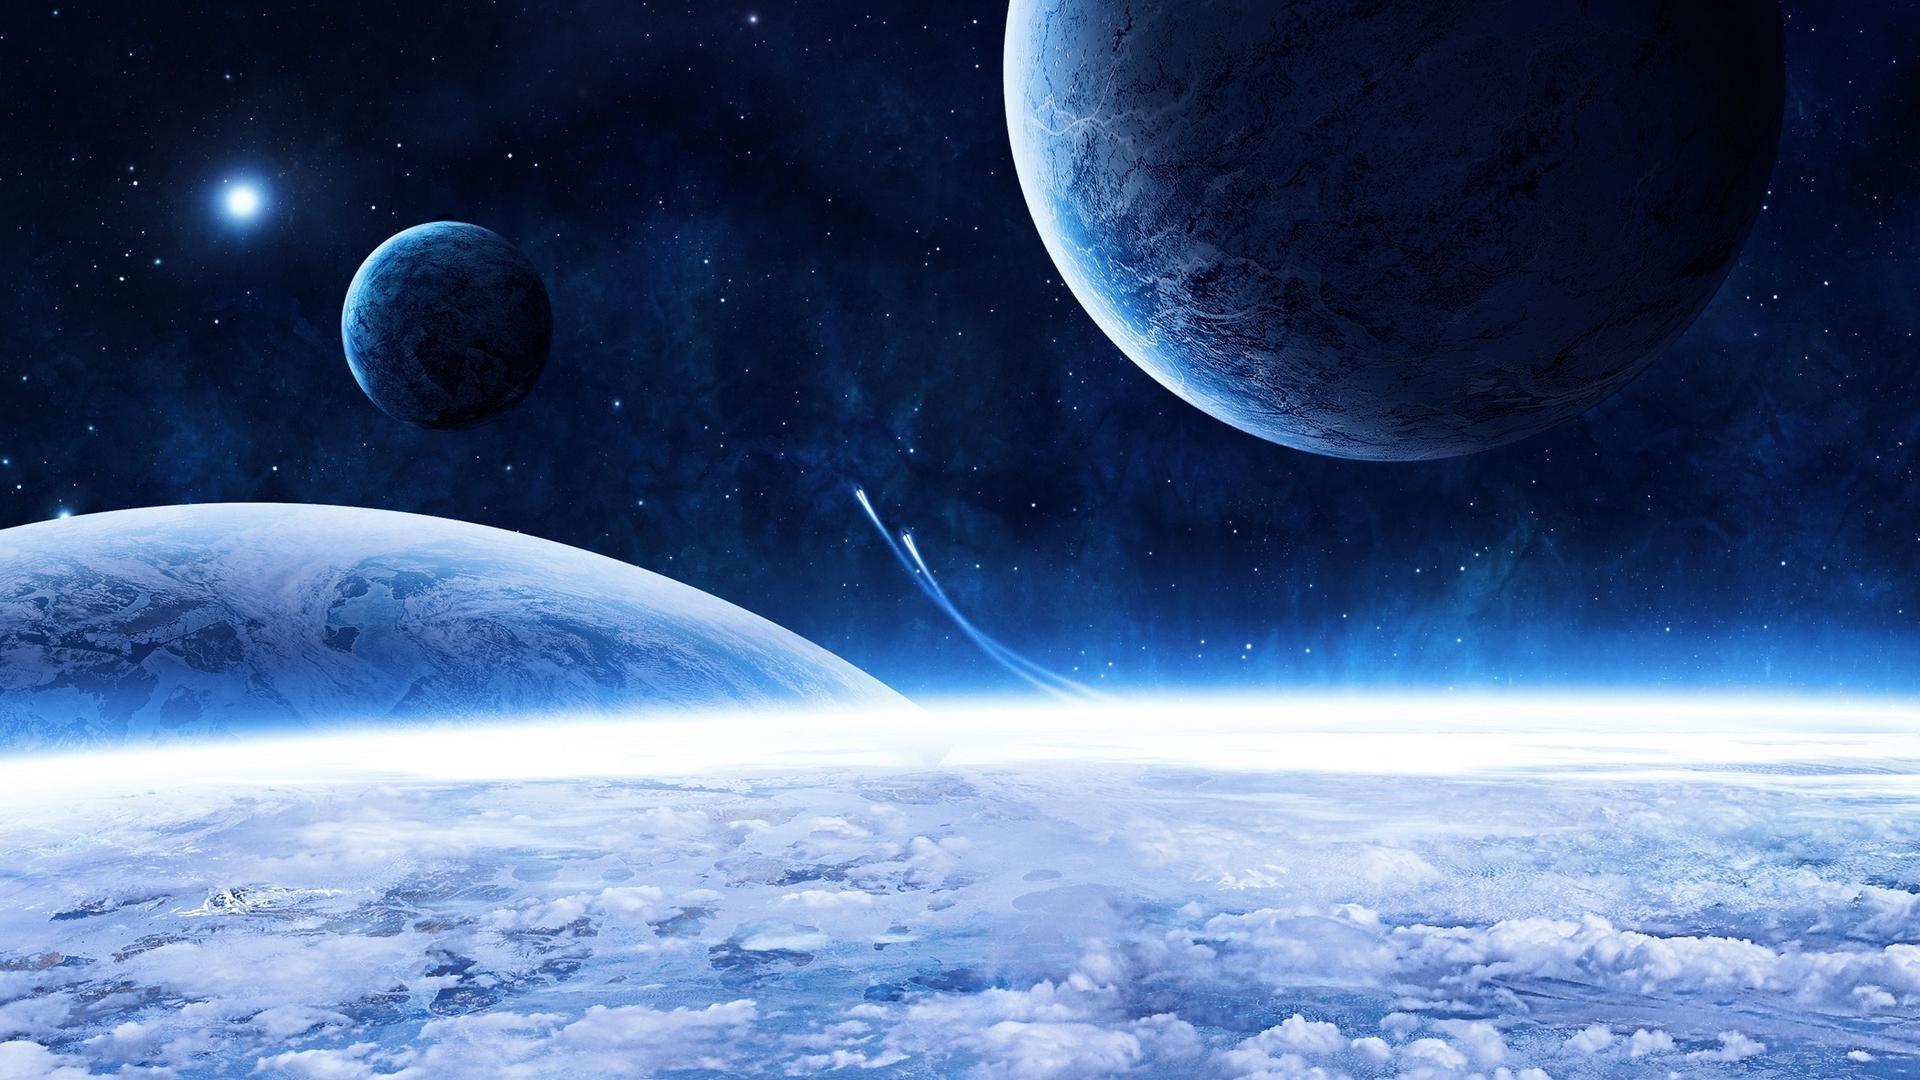 космос, планеты, звезды